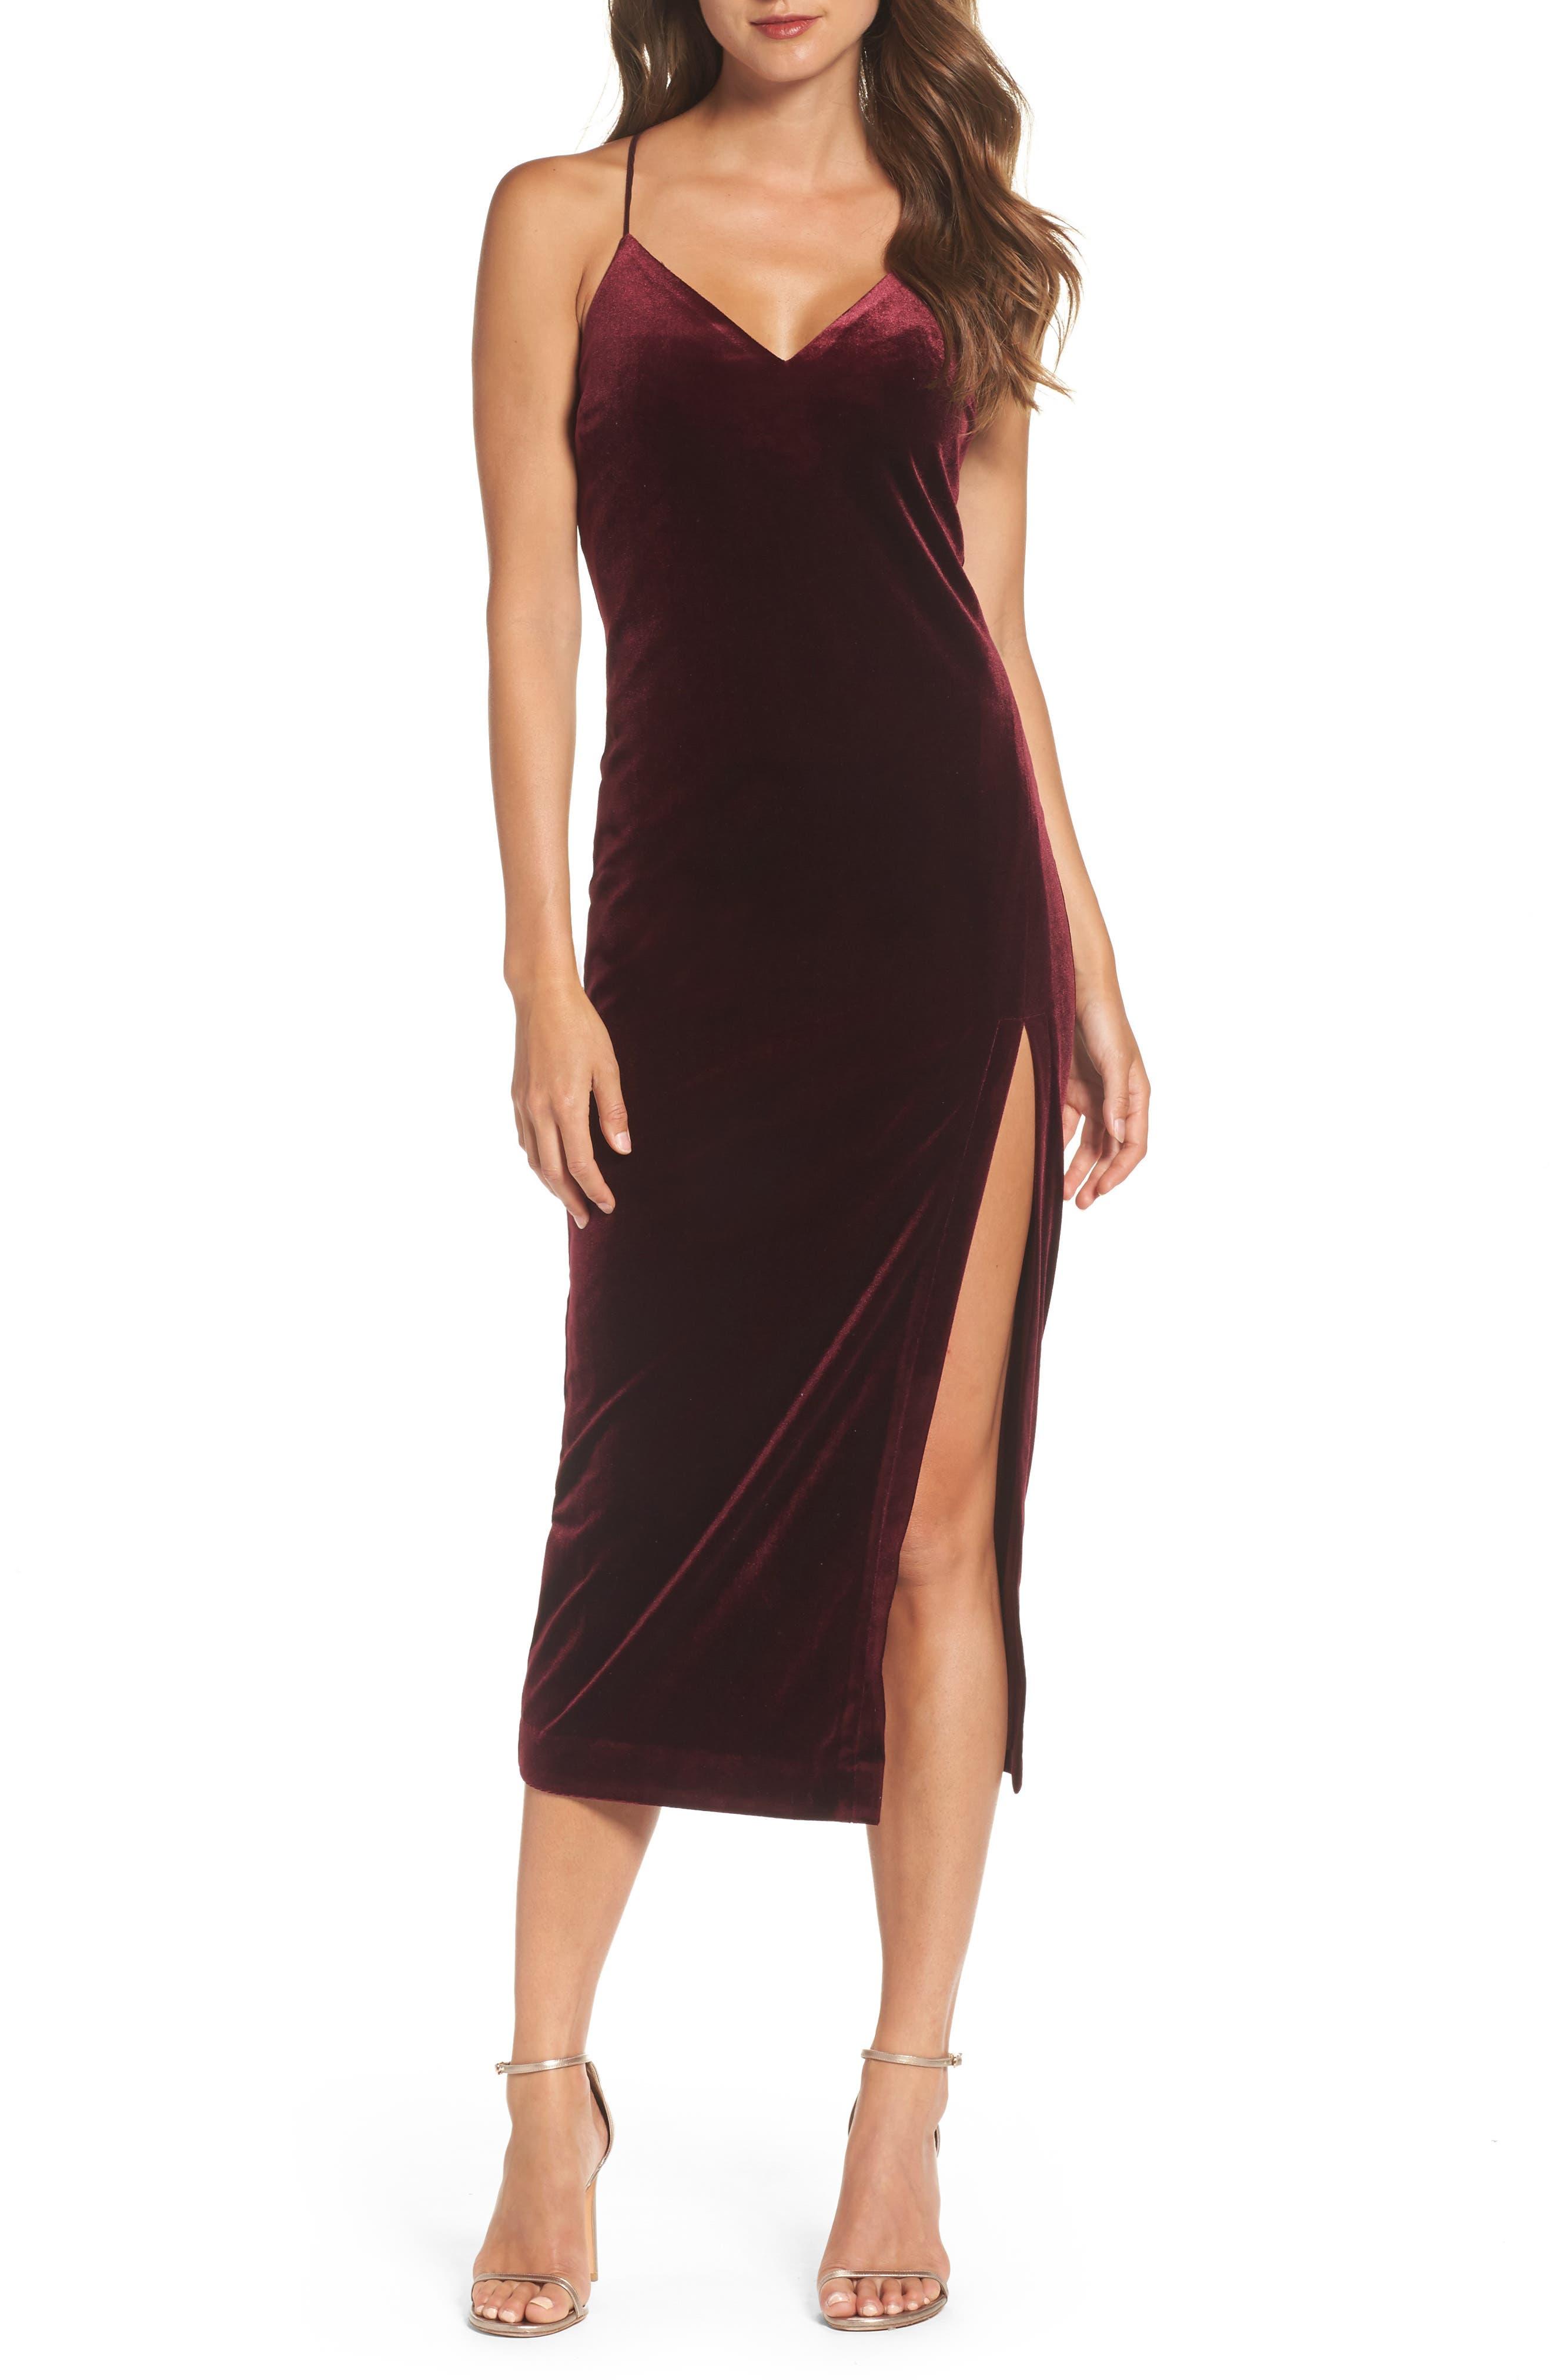 Raven Velvet Slipdress,                         Main,                         color, Burgundy